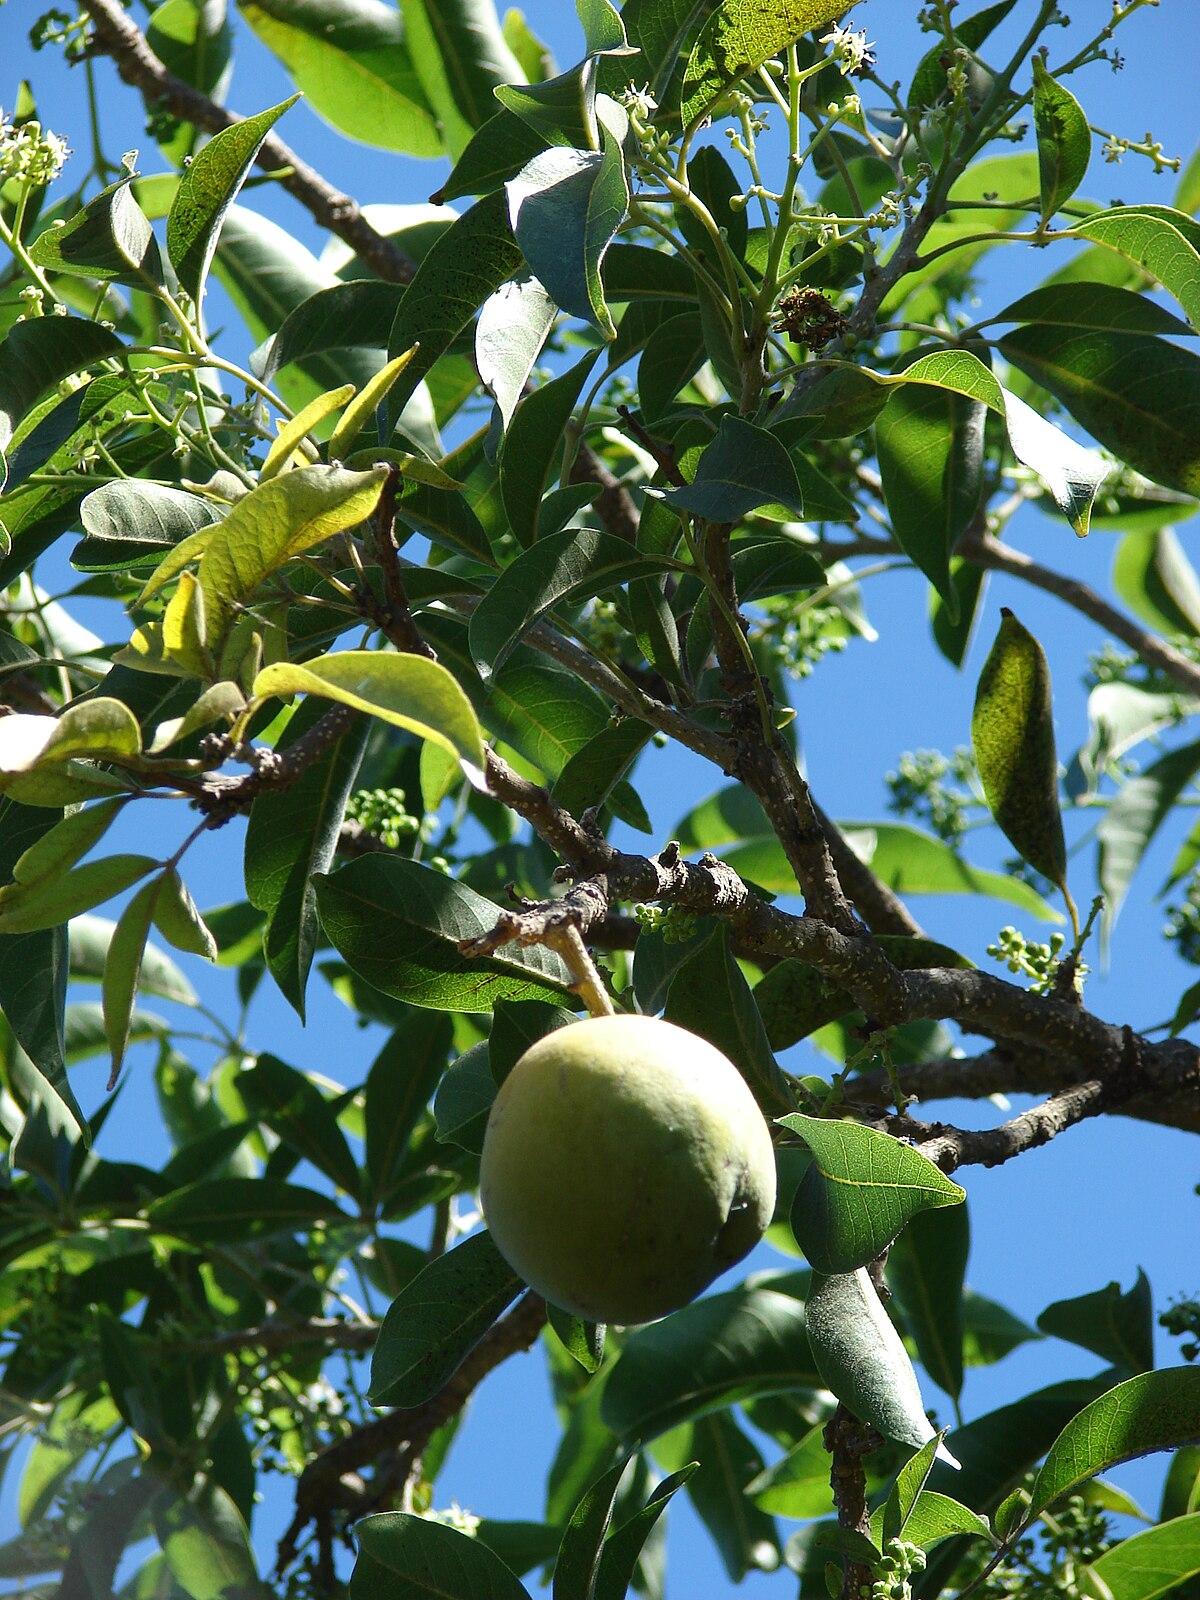 Casimiroa edulis wikipedia la enciclopedia libre for Arbol con raices y frutos